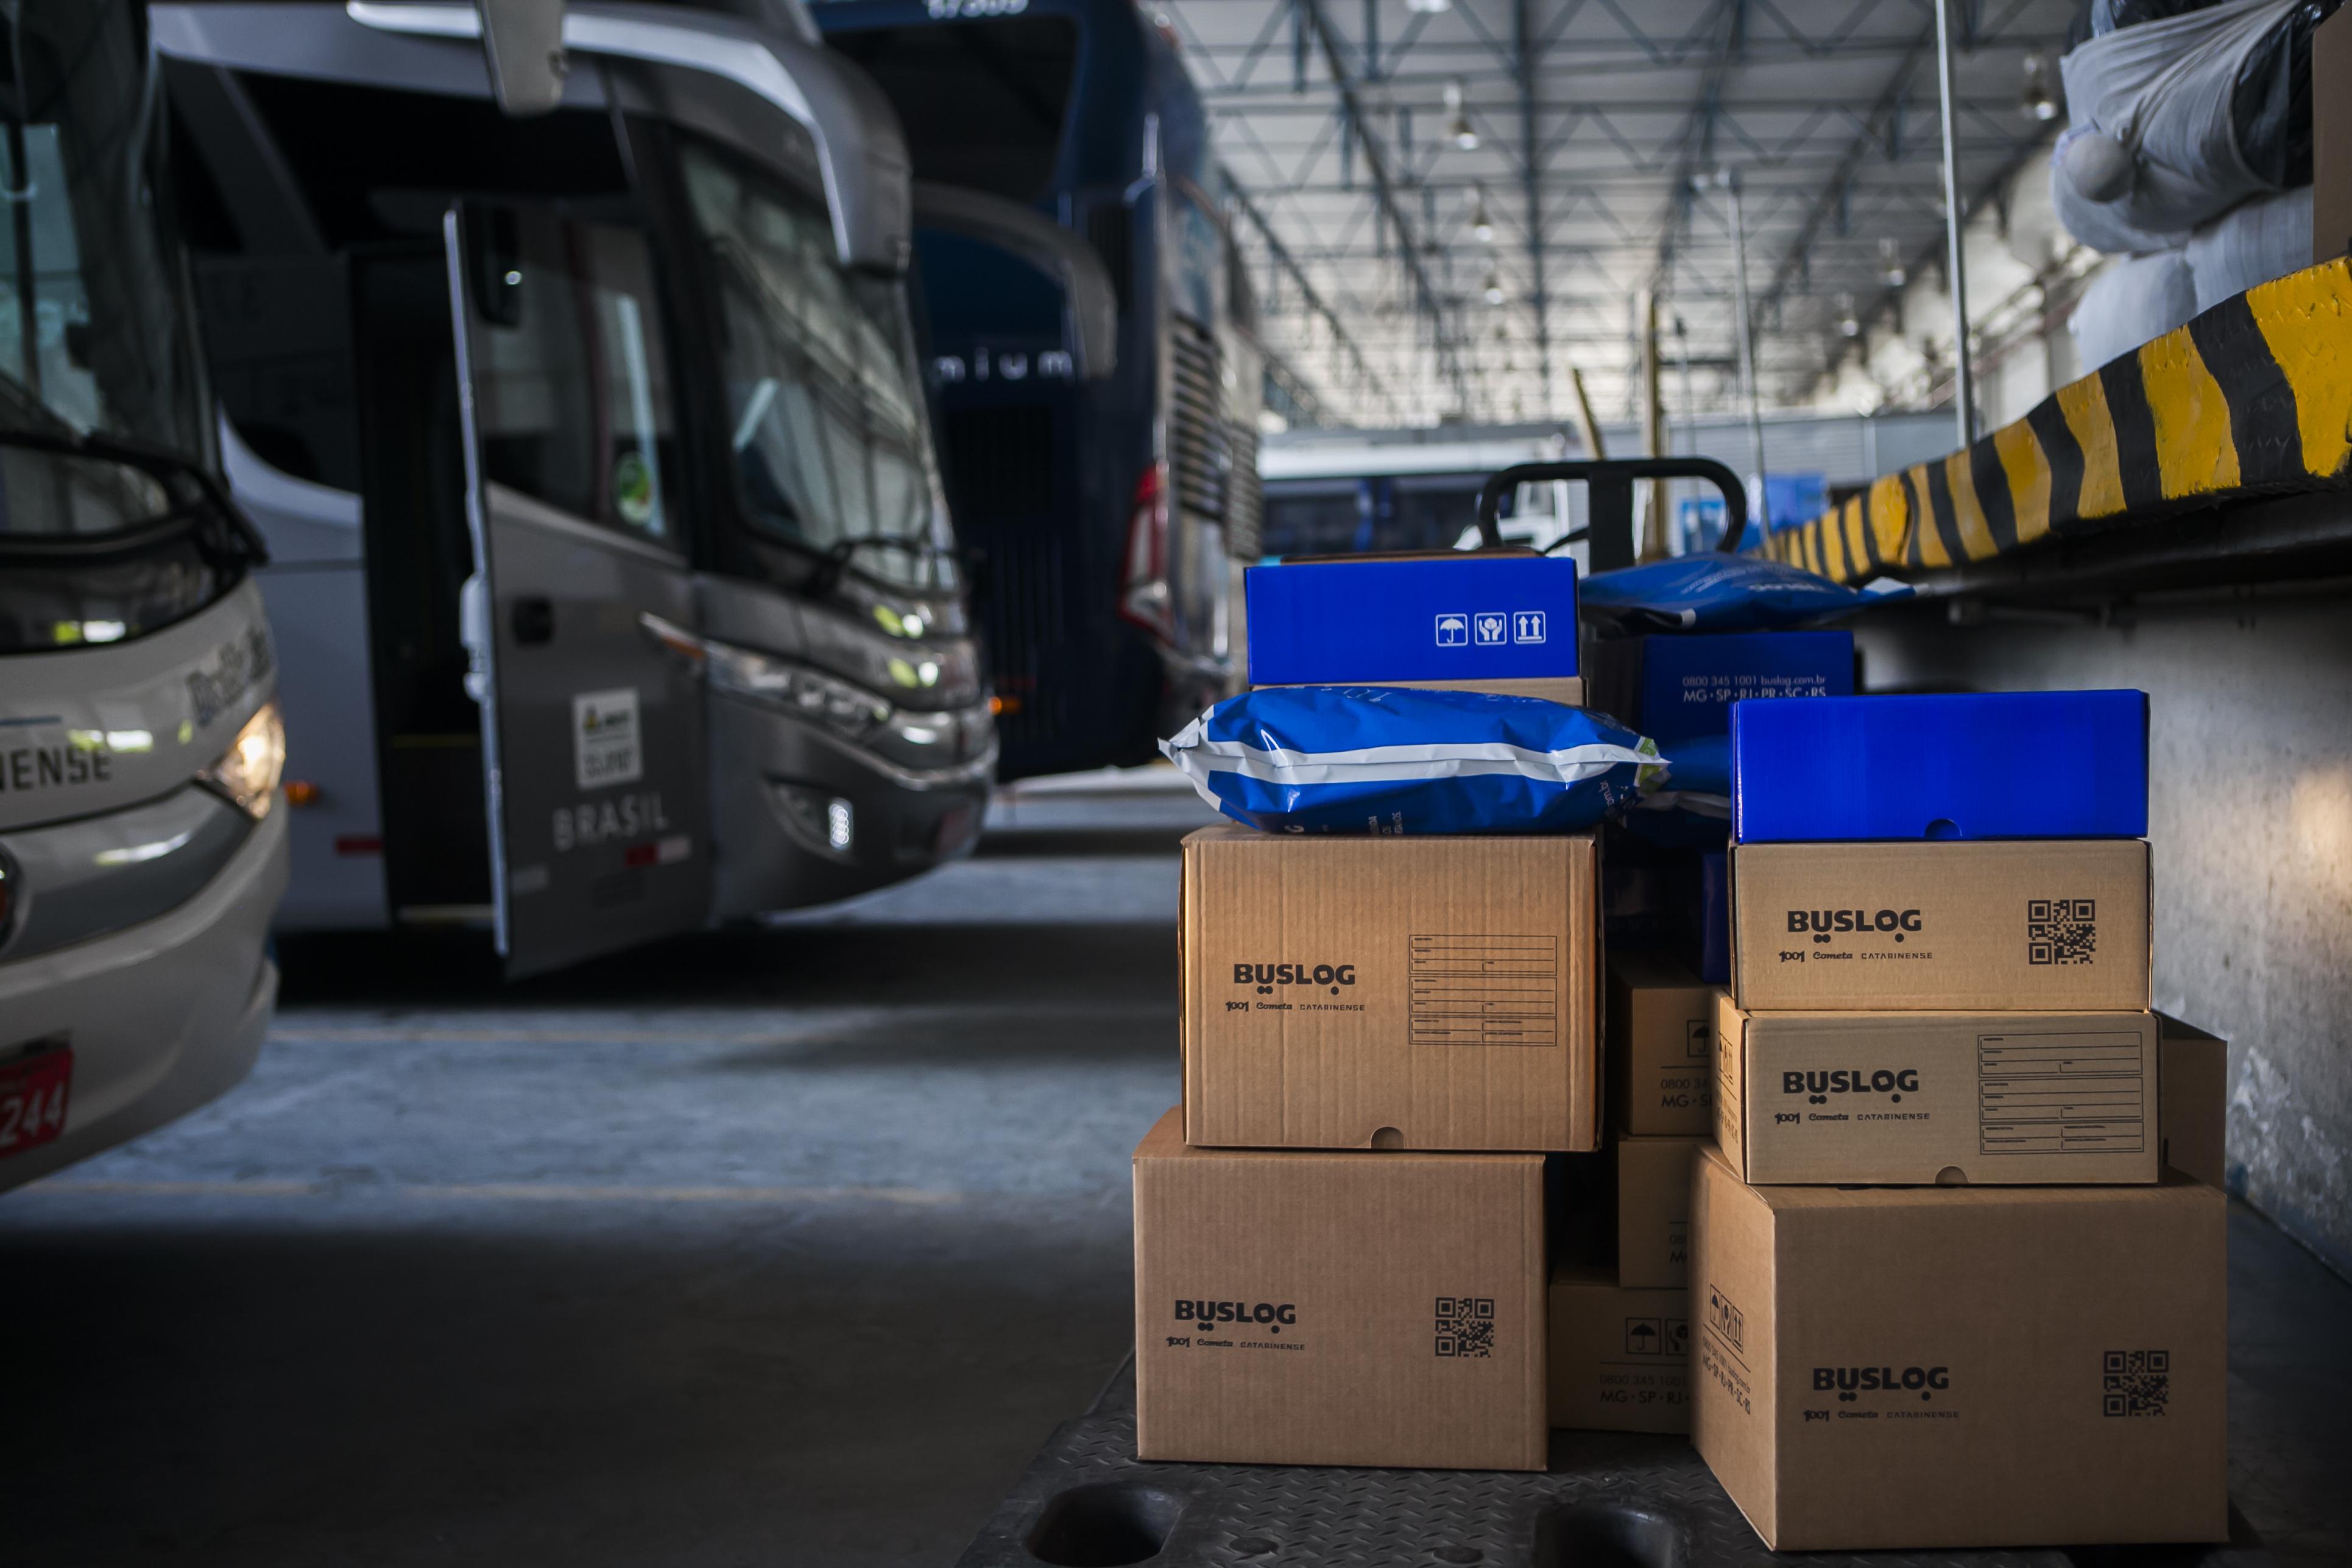 Carregamento de bagageiro com encomendas na sede logística da BusLog em São Paulo